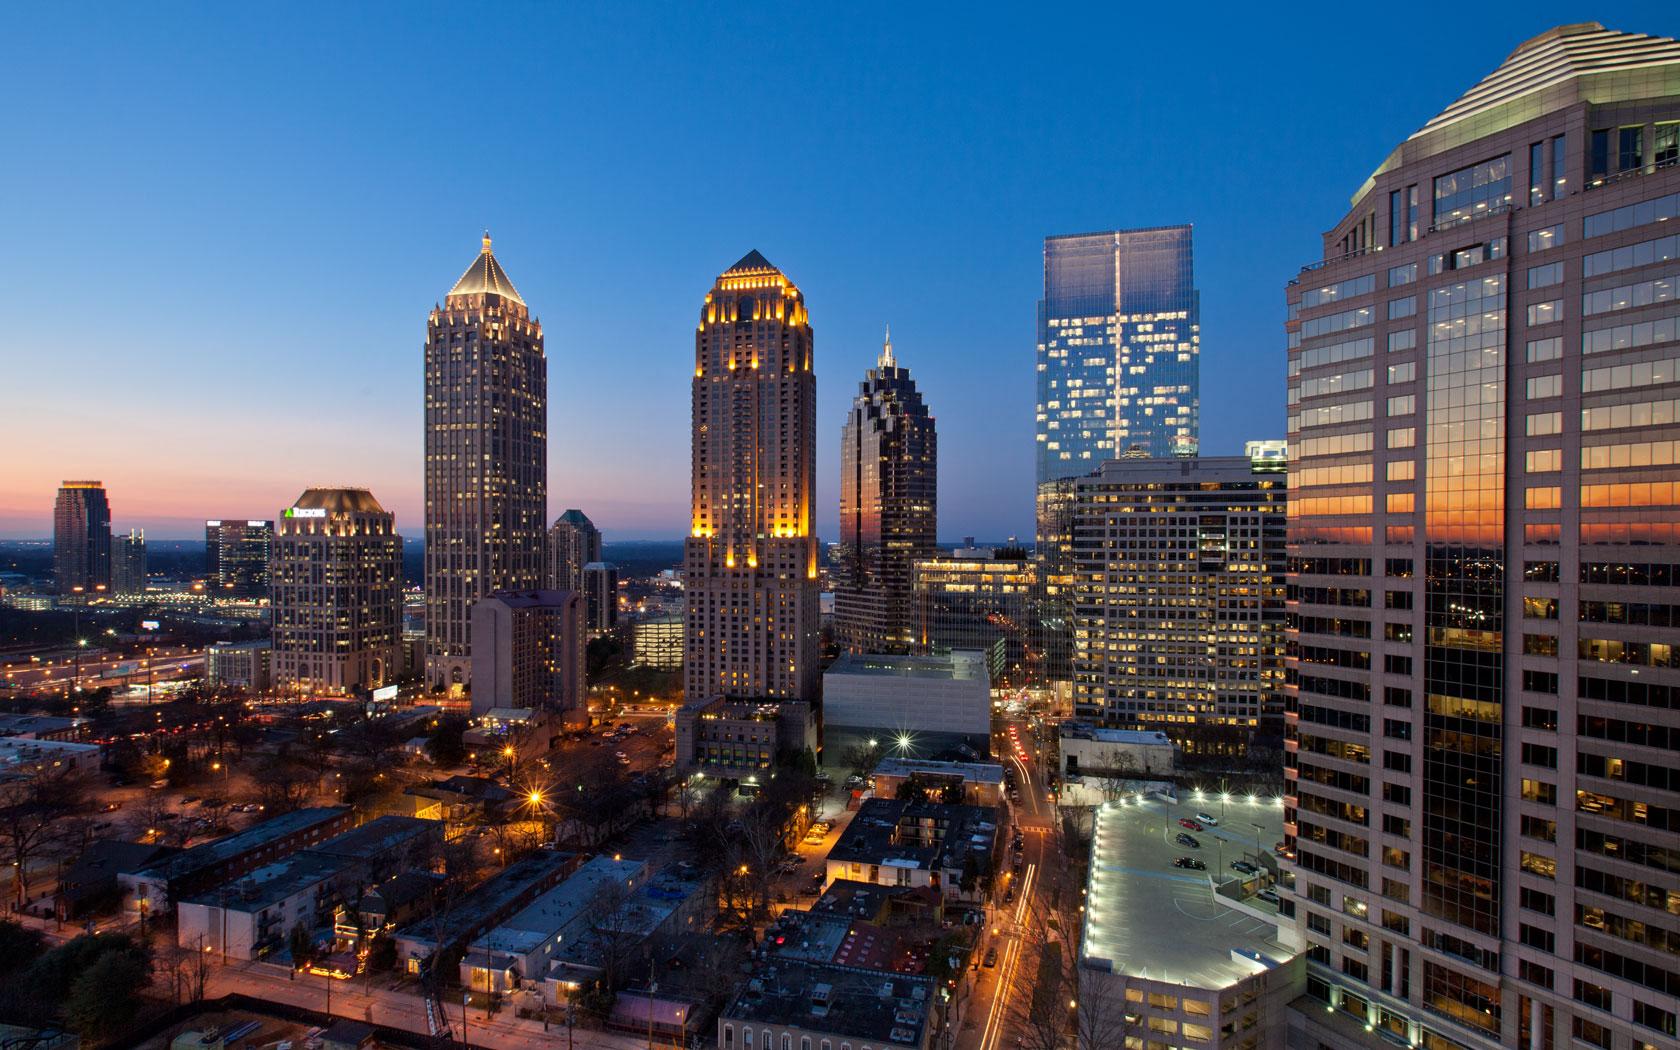 Atlanta photogallery 24